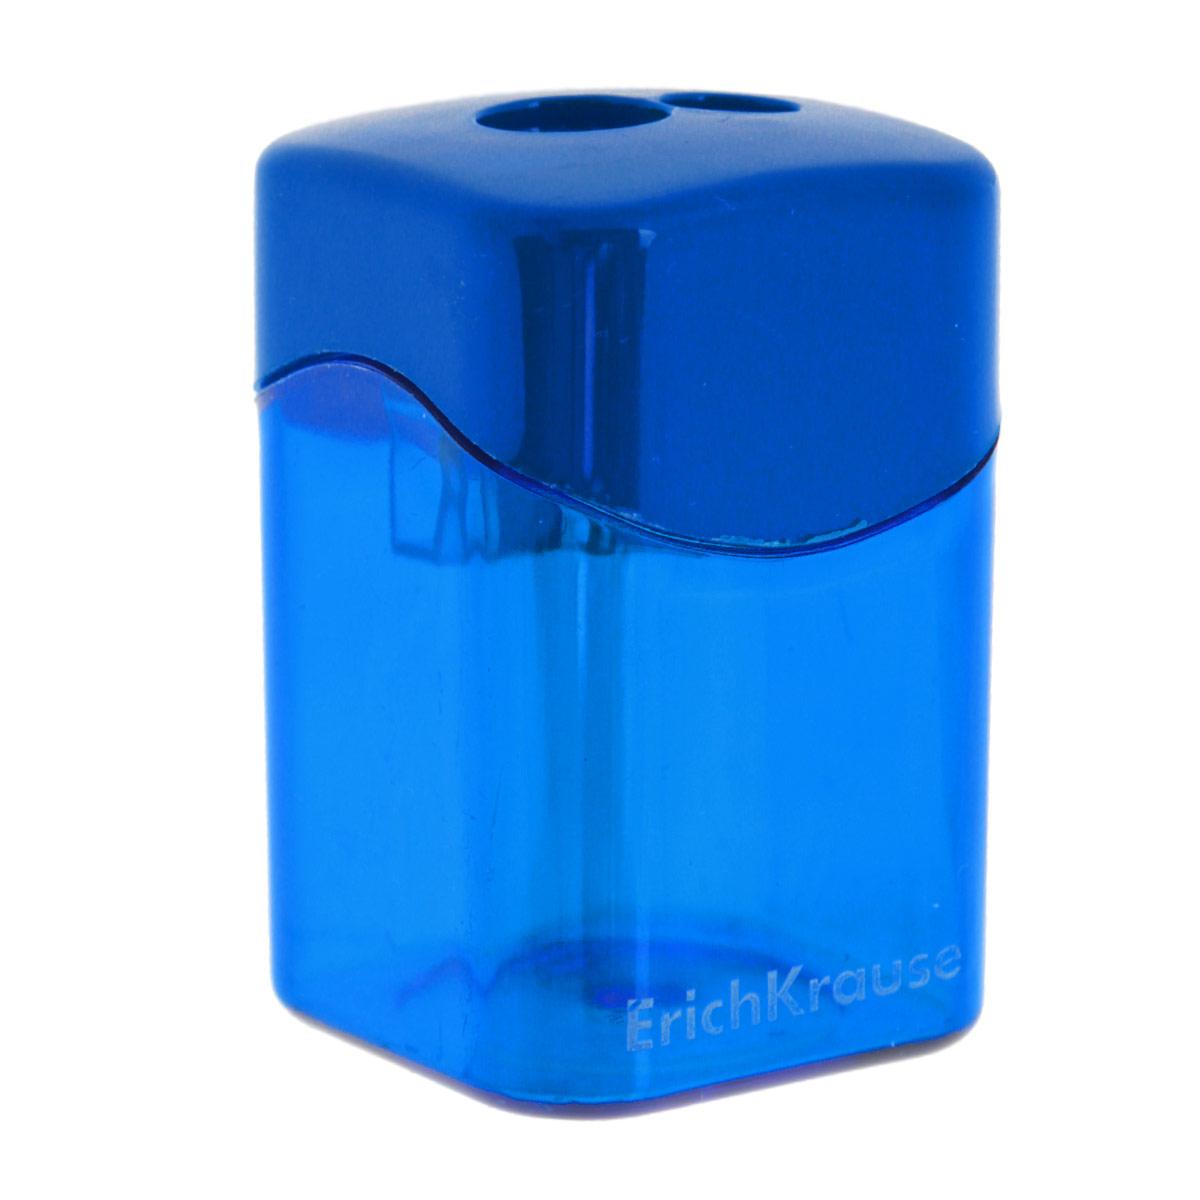 Точилка Erich Krause, с 2 отверстиями, цвет: синий21835_синийТочилка Erich Krause с двумя отверстиями для заточки стандартных и утолщенных карандашей, выполнена из ударопрочного пластика с лезвием из высококачественной стали. Полупрозрачный контейнер для сбора стружки повышенной вместимости позволяет визуально контролировать уровень заполнения и вовремя произ водить очистку.